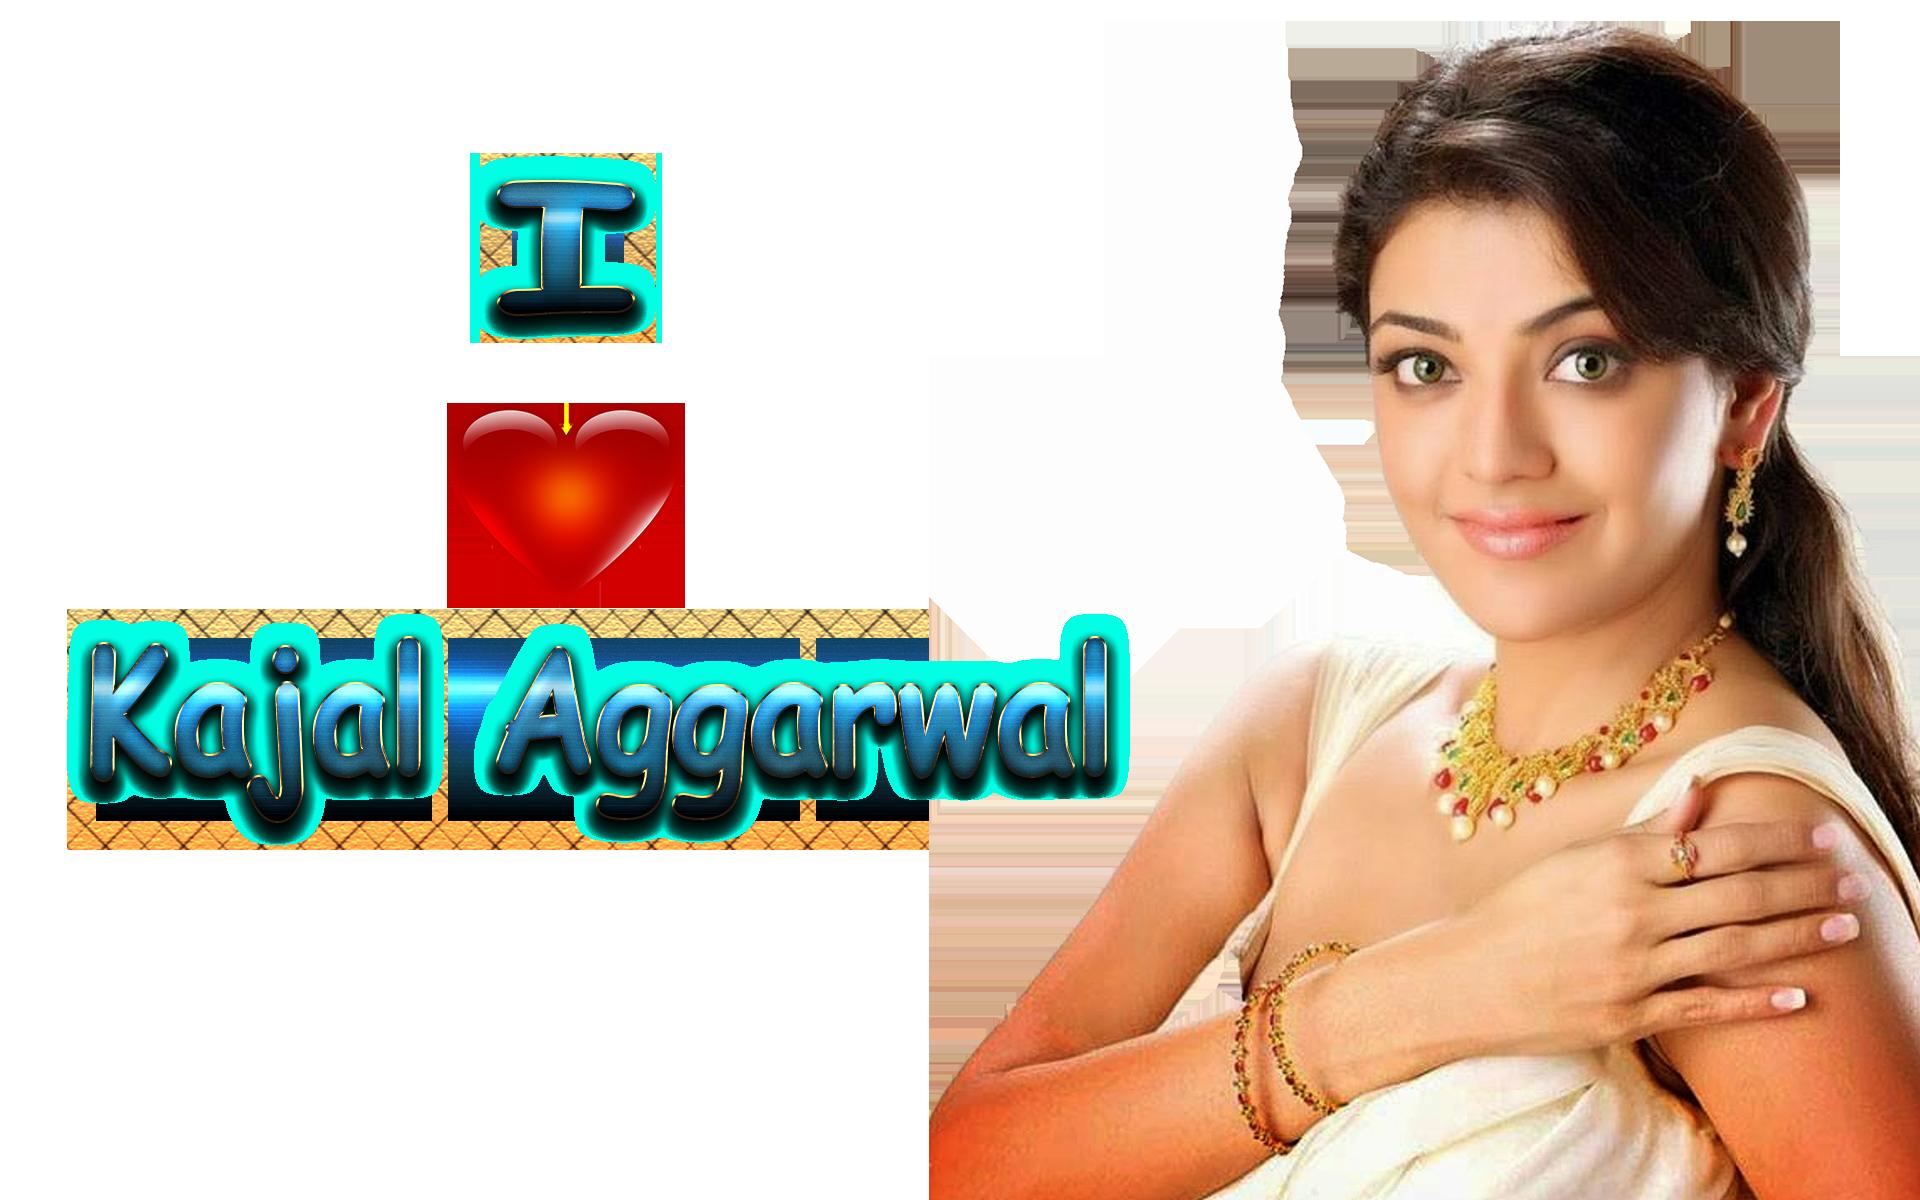 Kajal Aggarwal PNG Transparent Images Free Download.